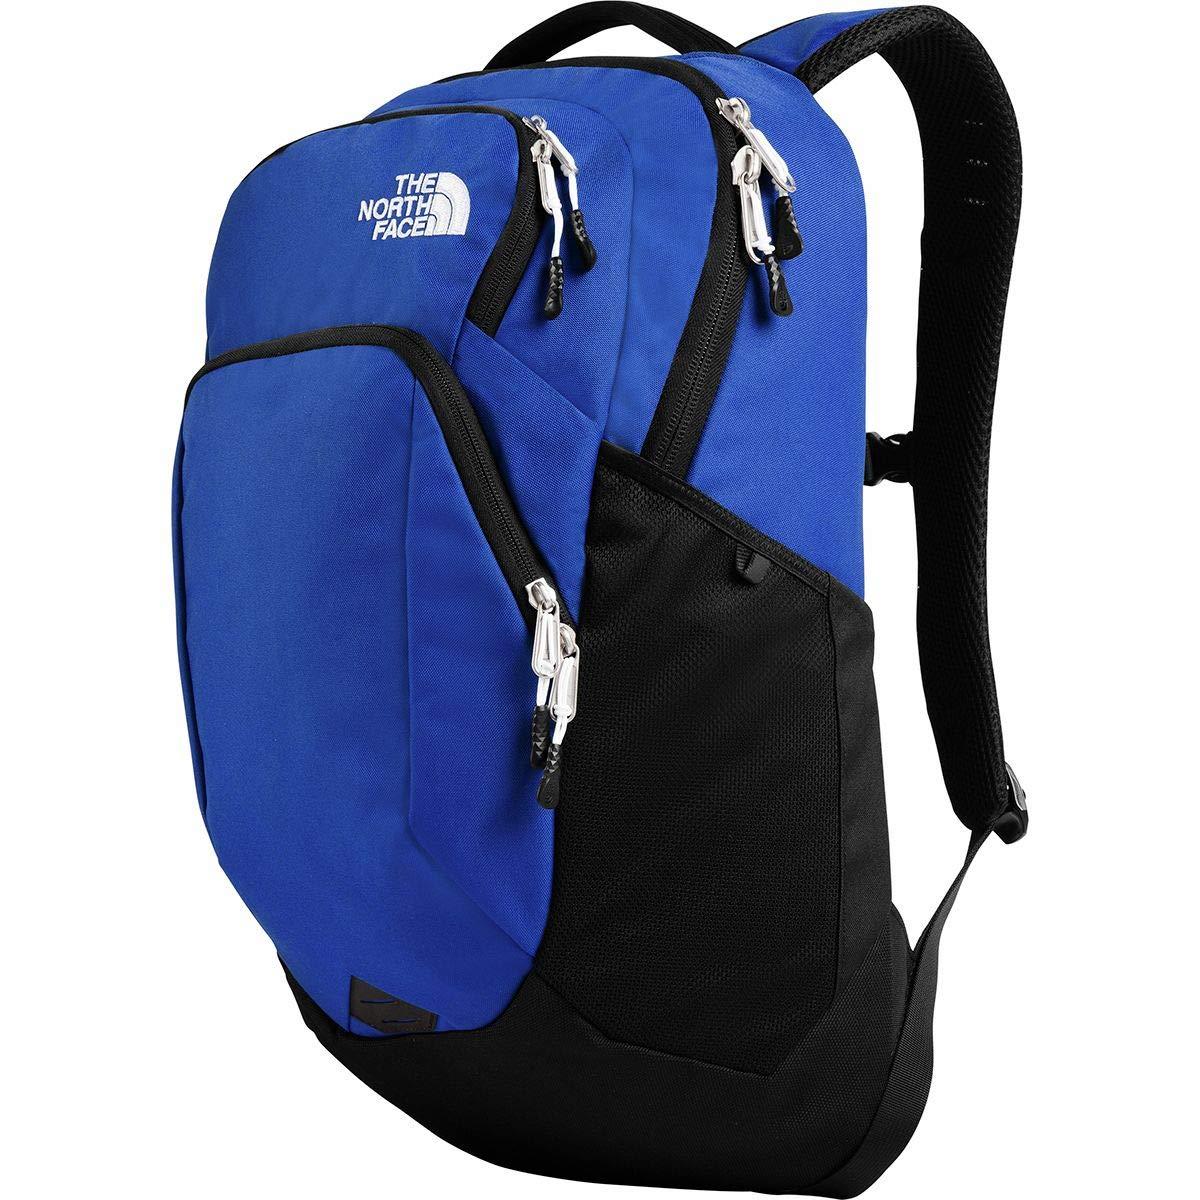 [ノースフェイス] メンズ バックパックリュックサック Pivoter 27L Backpack [並行輸入品] B07SNB6RJR  No-Size